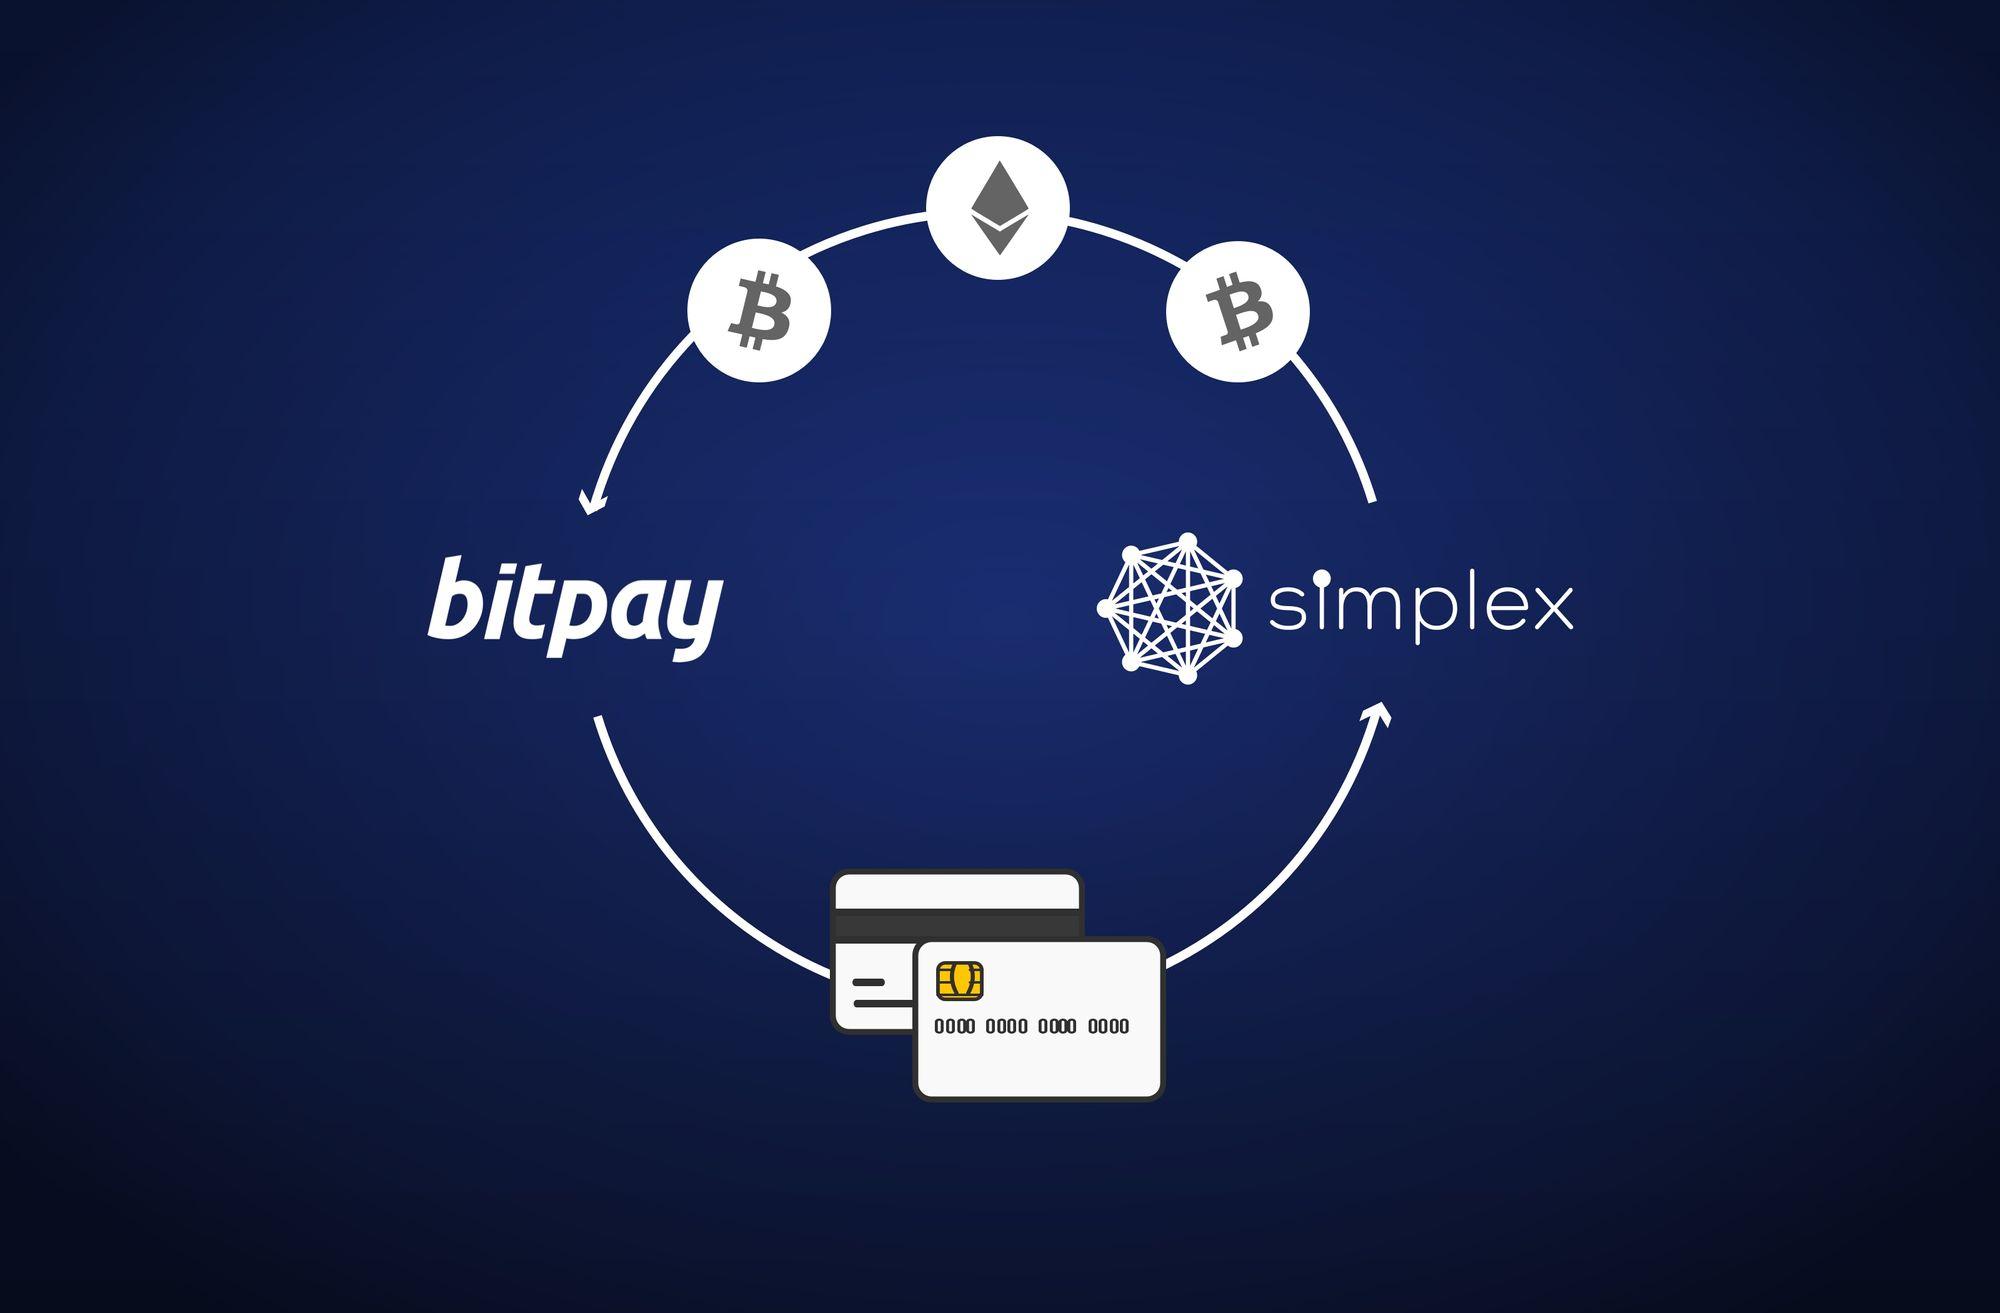 """Los usuarios de Bitpay ahora pueden comprar Crypto con Fiat en la aplicación """"width ="""" 2000 """"height ="""" 1313 """"srcset ="""" https://news.bitcoin.com/wp-content/uploads/ 2020/01 / simplex-and-bitpay-2-1.jpg 2000w, https://news.bitcoin.com/wp-content/uploads/2020/01/simplex-and-bitpay-2-1-300x197.jpg 300w, https://news.bitcoin.com/wp-content/uploads/2020/01/simplex-and-bitpay-2-1-1024x672.jpg 1024w, https://news.bitcoin.com/wp-content /uploads/2020/01/simplex-and-bitpay-2-1-768x504.jpg 768w, https://news.bitcoin.com/wp-content/uploads/2020/01/simplex-and-bitpay-2- 1-1536x1008.jpg 1536w, https://news.bitcoin.com/wp-content/uploads/2020/01/simplex-and-bitpay-2-1-696x457.jpg 696w, https: //news.bitcoin. com / wp-content / uploads / 2020/01 / simplex- and-bitpay-2-1-1392x914.jpg 1392w, https://news.bitcoin.com/wp-content/uploads/2020/01/simplex-and-bitpay-2-1-1068x701.jpg 1068w, https: //news.bitcoin.com/wp-content/uploads/2020/01/simplex-and-bitpay-2-1-640x420.jpg 640w, https://news.bitcoin.com/wp-content/uploads/2020 /01/simplex-and-bitpay-2-1-1920x1260.jpg 1920w """"tamaños ="""" (ancho máximo: 2000px) 100vw, 2000px"""